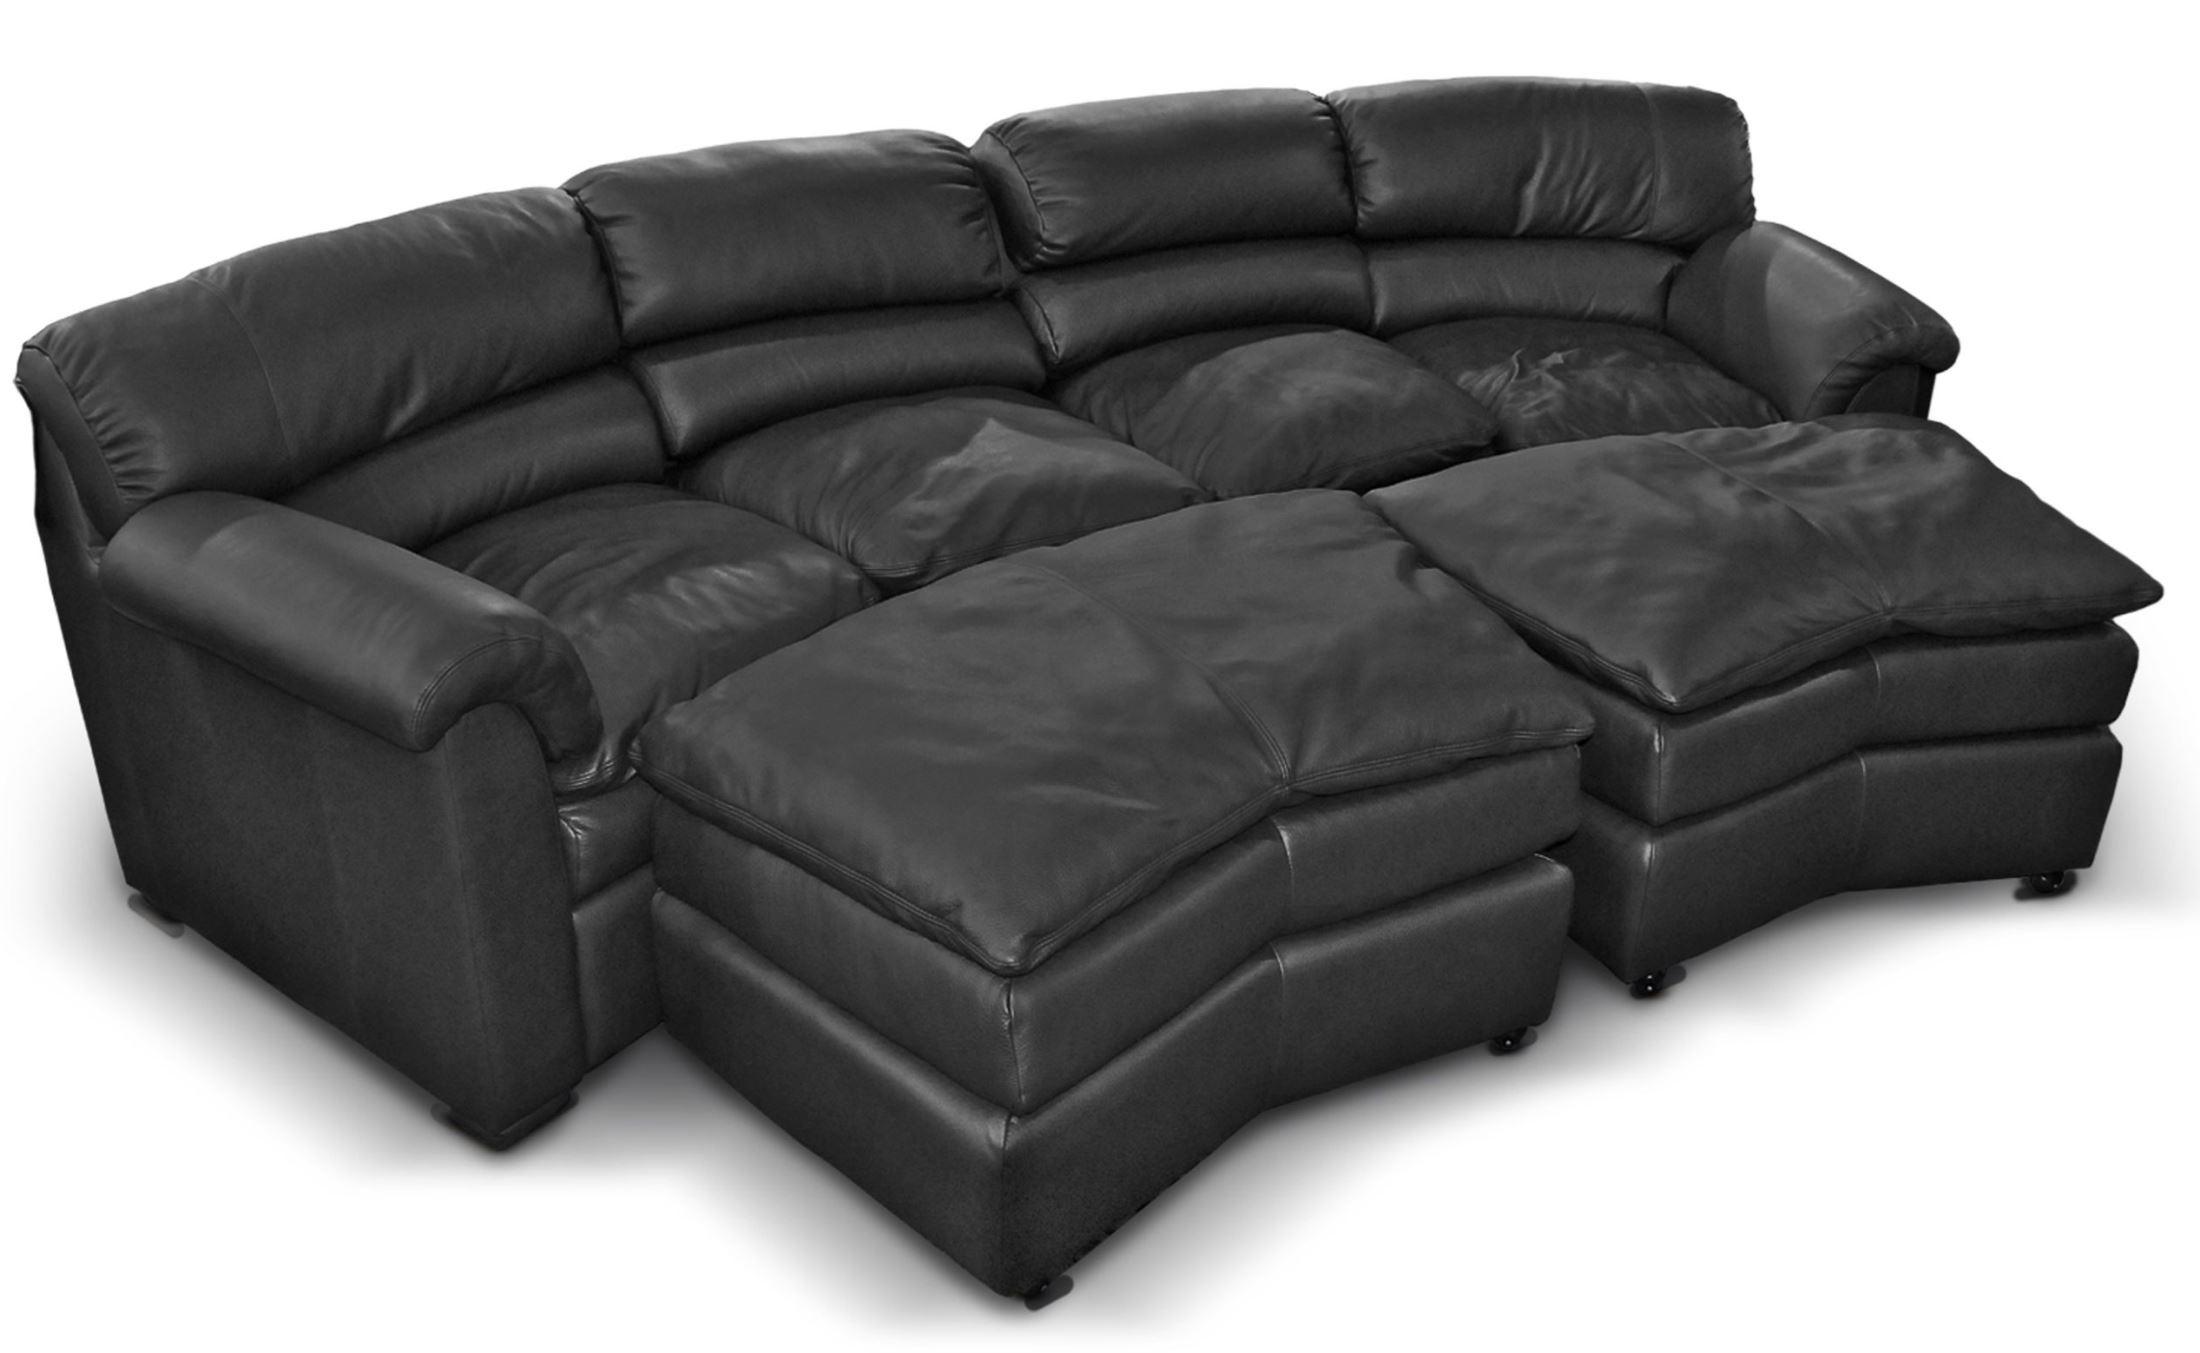 Full Size of Megasofa Aruba Ii Divano 2 Sofa Gigant In Schwarz Mit Strukturstoff Wohnzimmer Megasofa Aruba